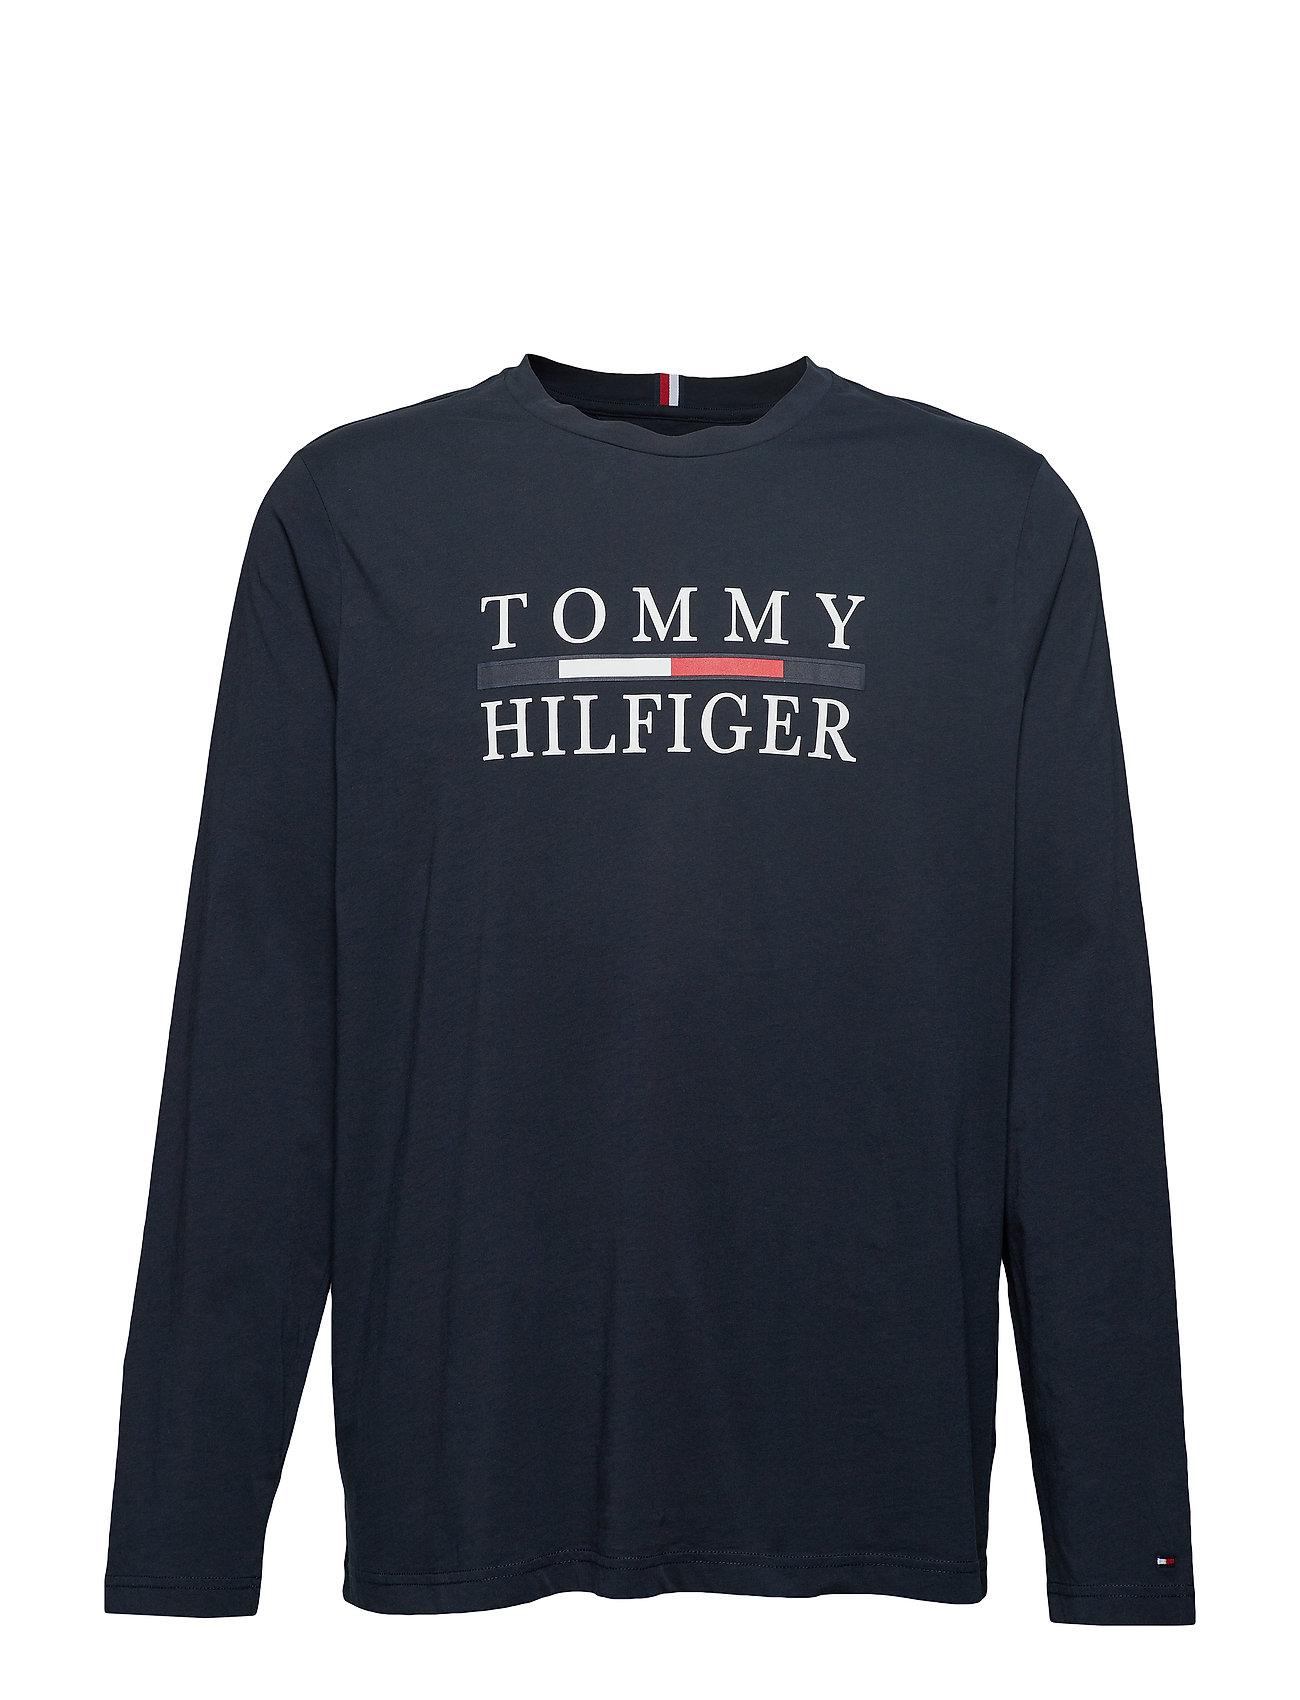 Tommy Hilfiger Big & Tall BT-TOMMY HILFIGER L SLEEVE TEE-B - SKY CAPTAIN